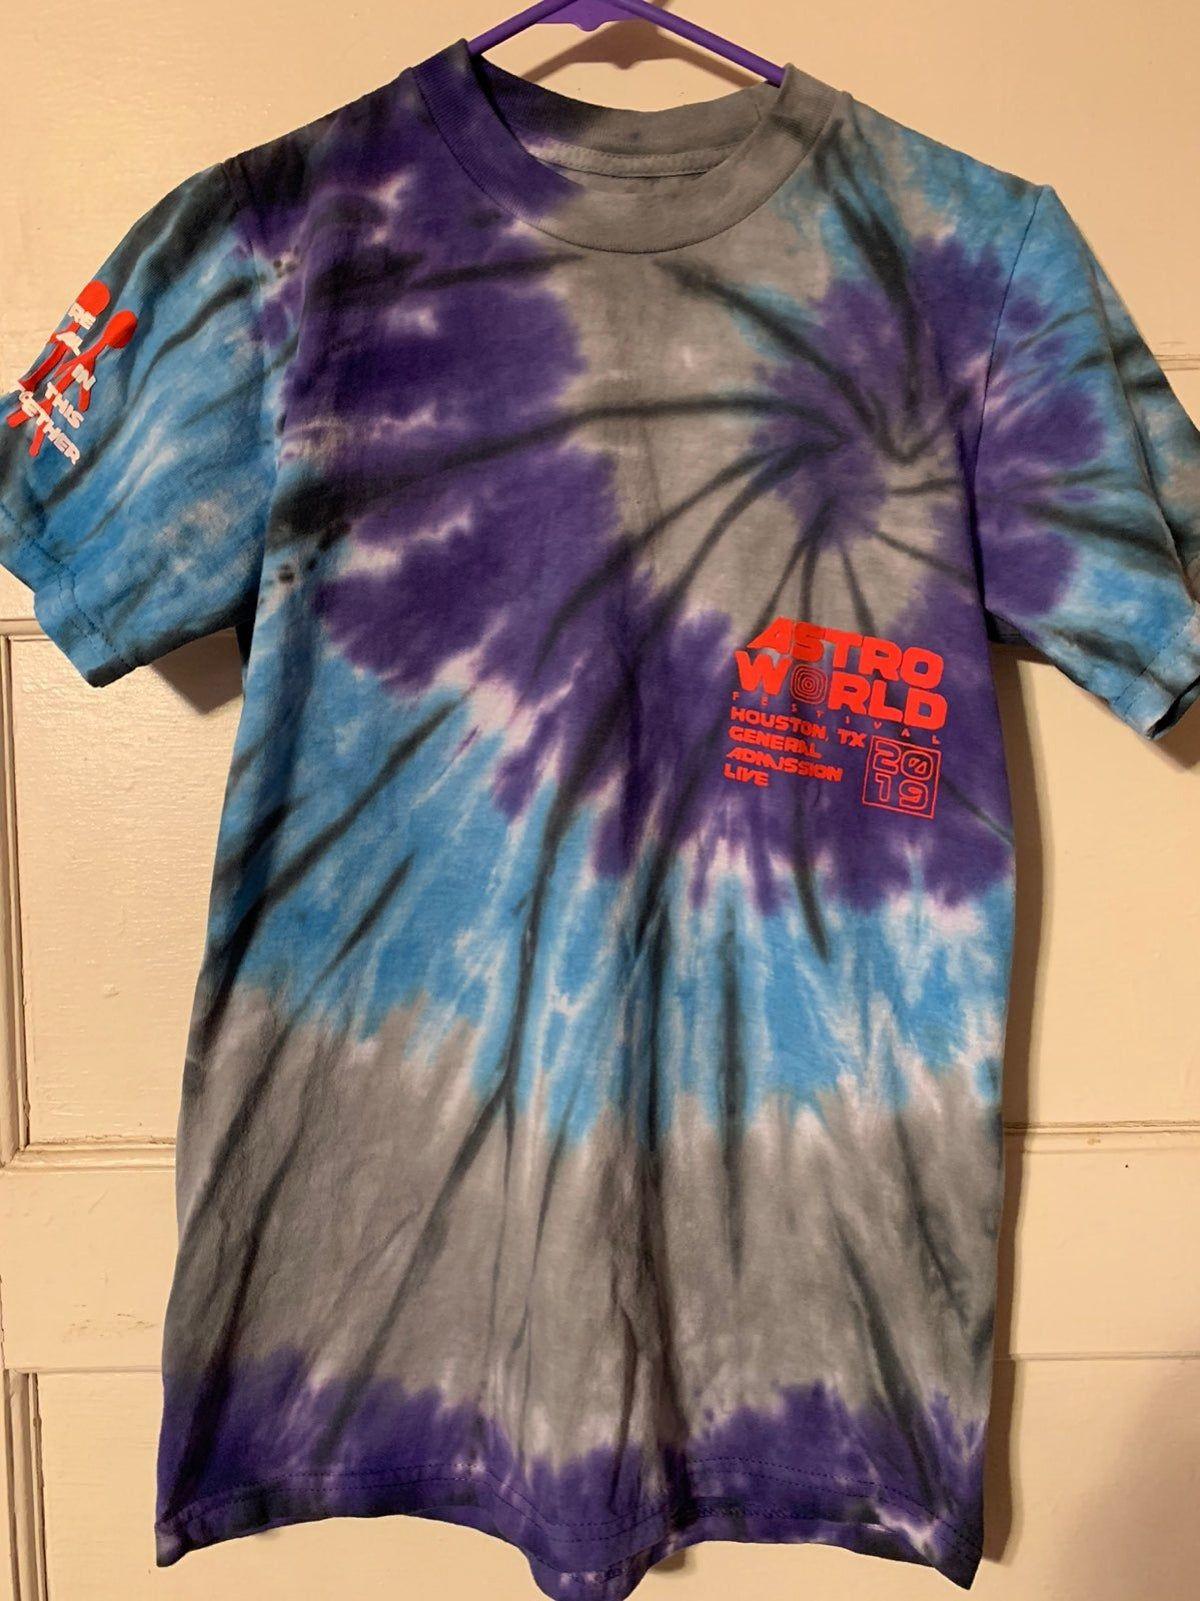 Pin By Jeannie Bronson On Tie Dye Dream How To Tie Dye Tie Dye Merch [ 1601 x 1200 Pixel ]